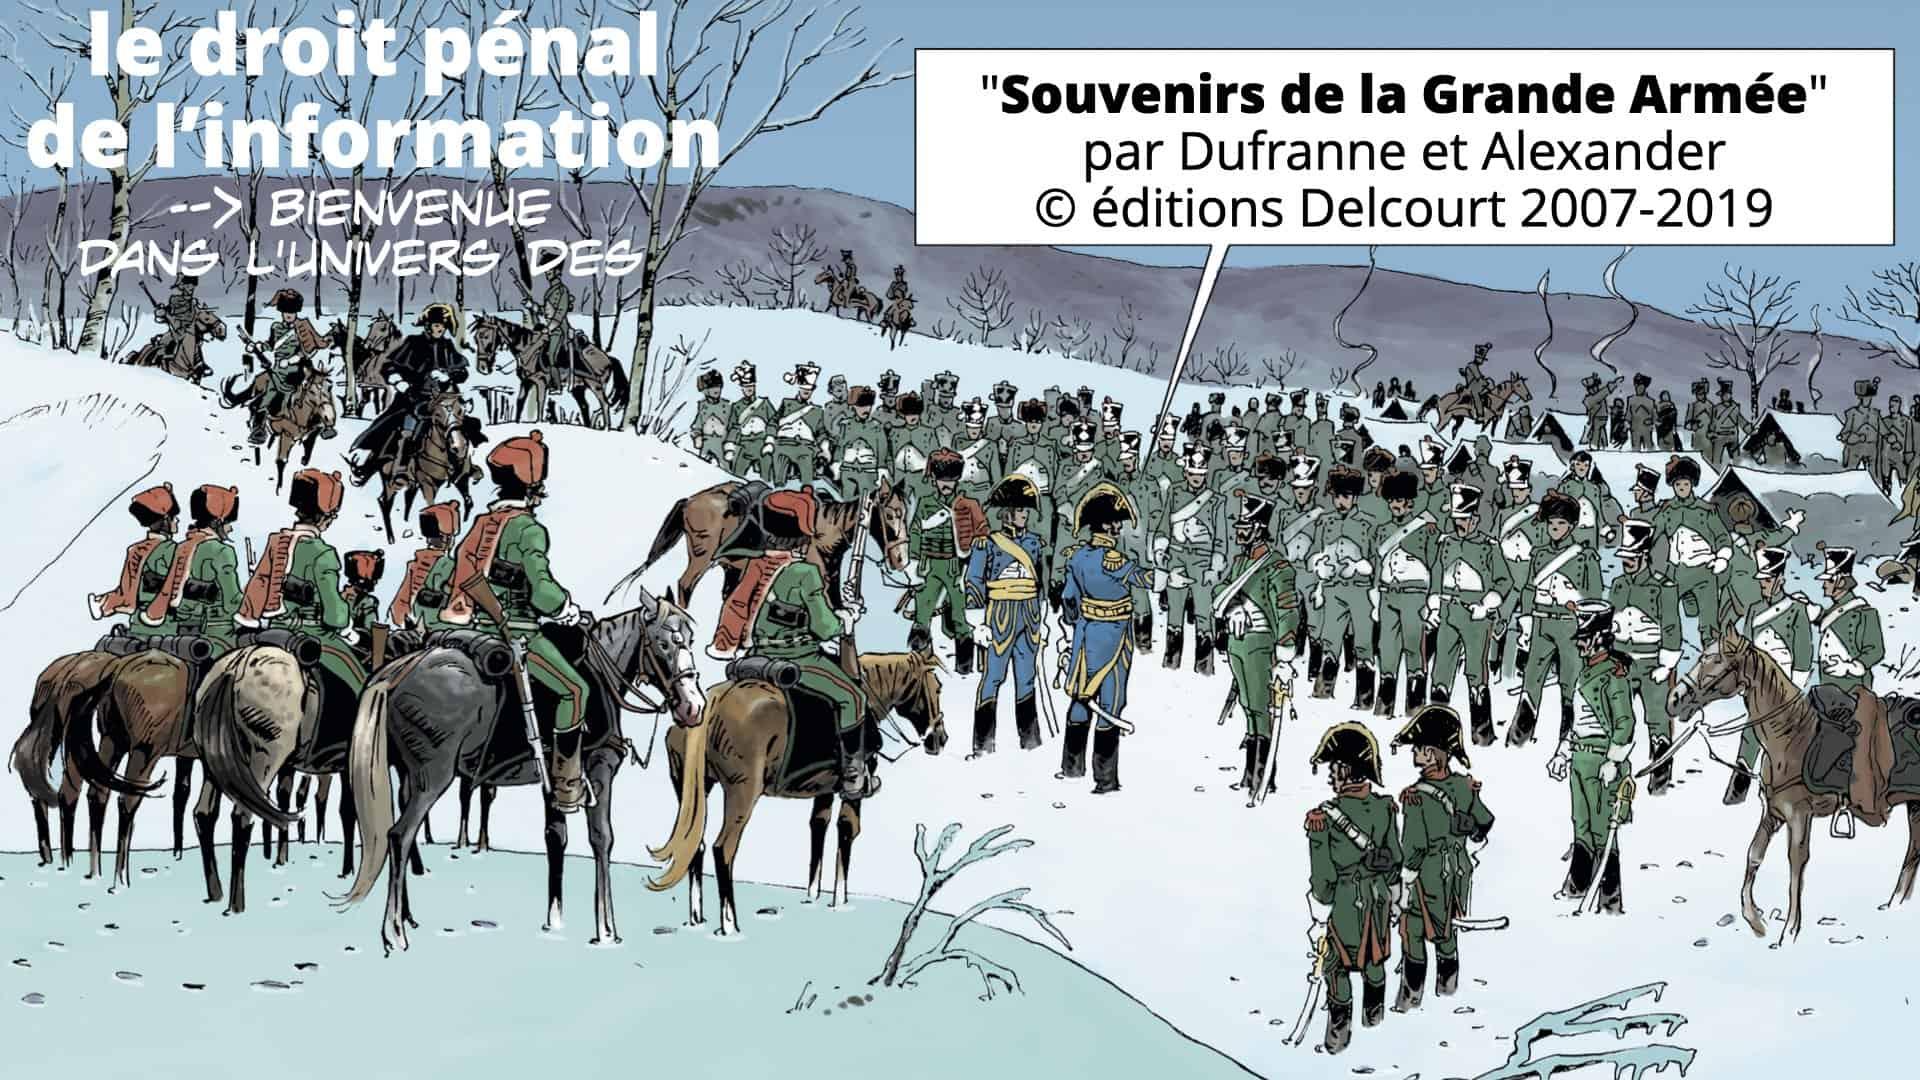 générique Delcourt Soleil 2021 ***16:9***.027